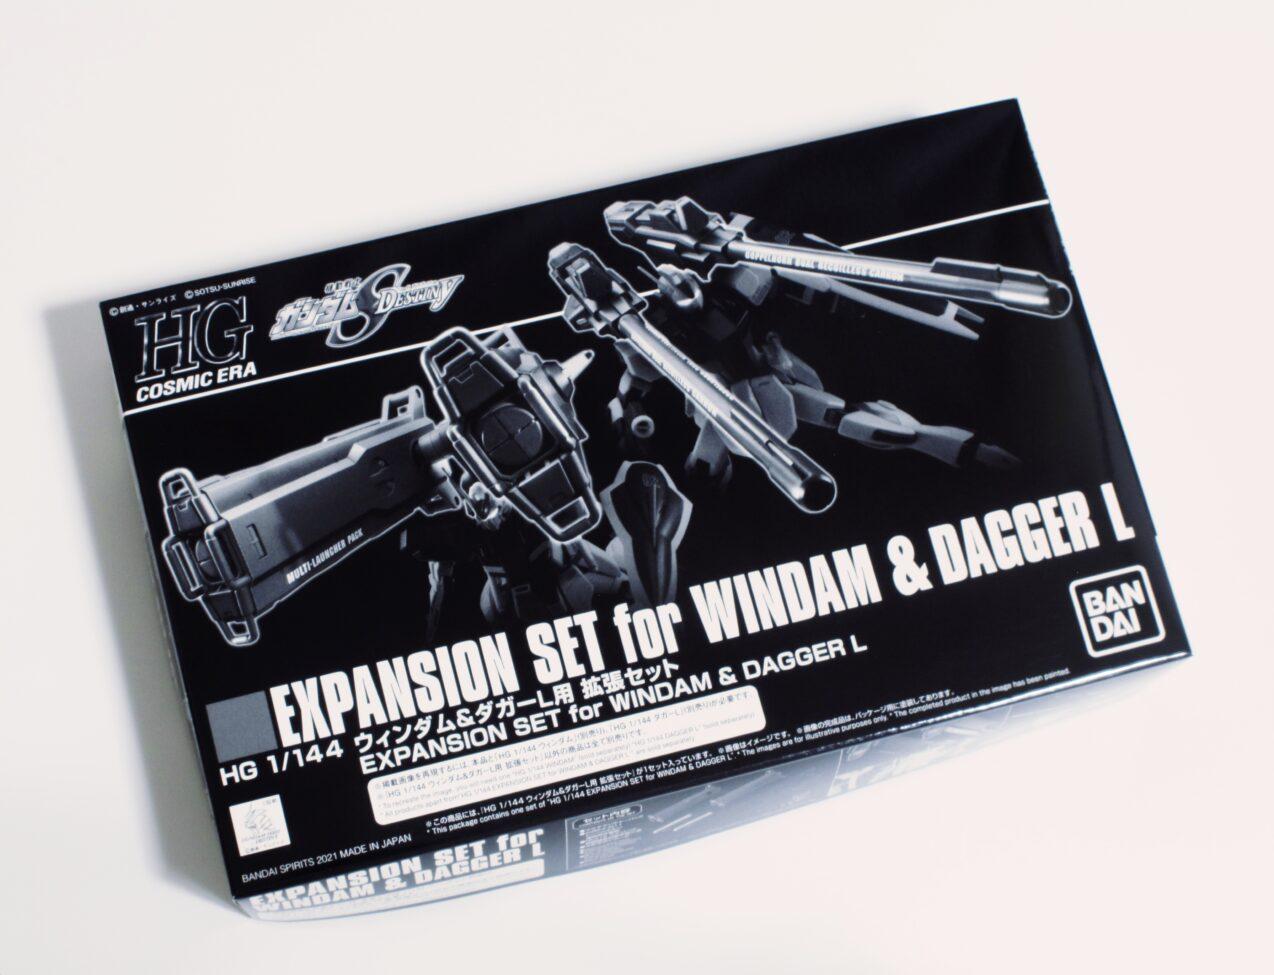 ウィンダム&ダガーL用 拡張セット